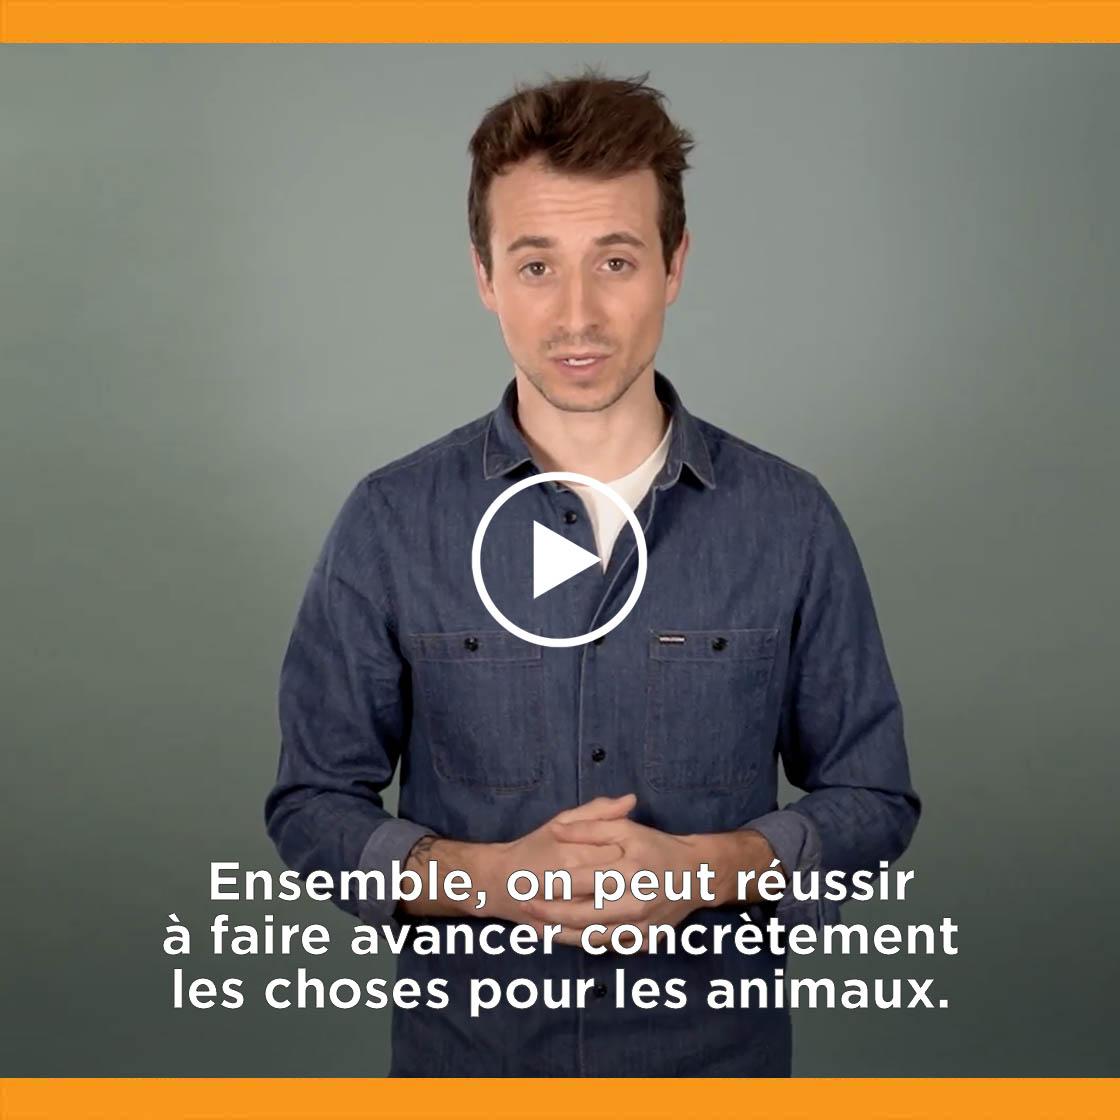 Hugo Clément présente le référendum d'initiative partagée